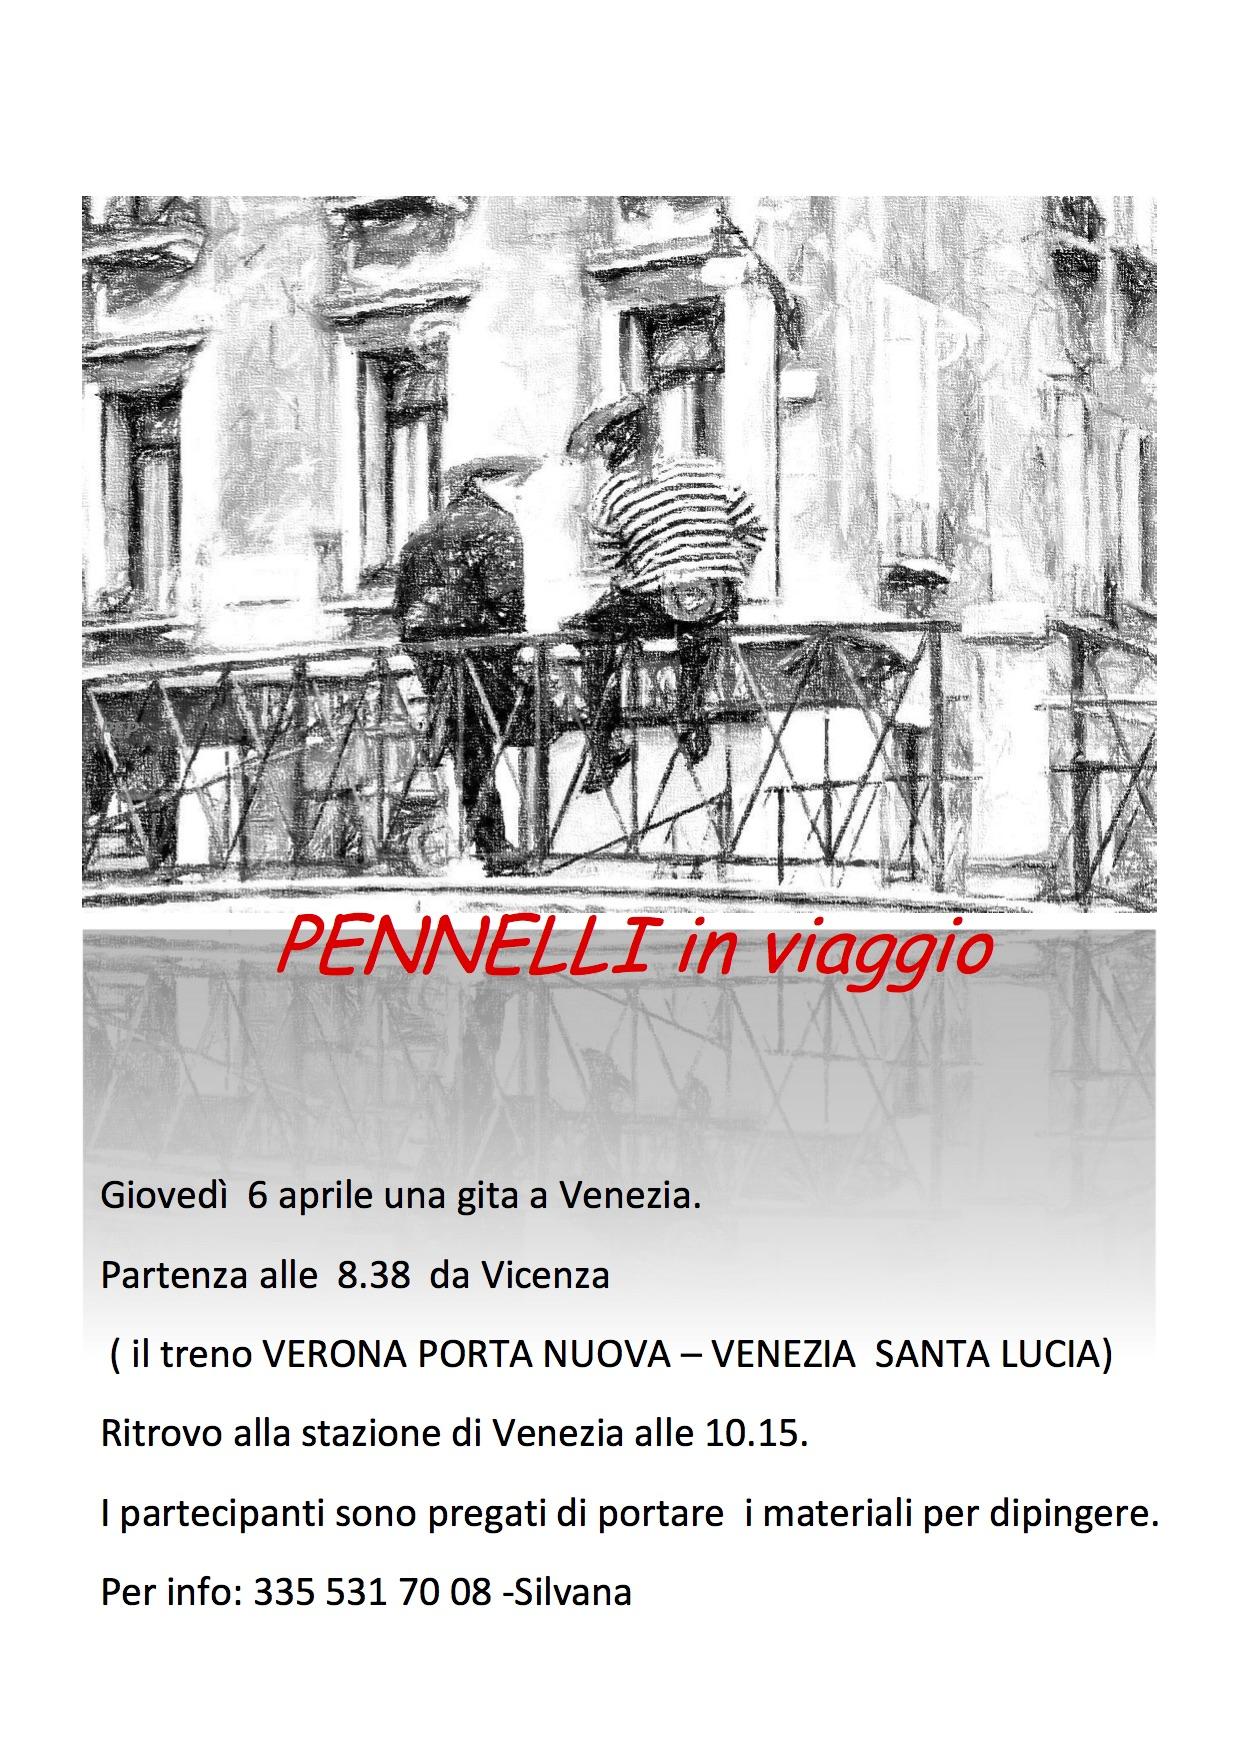 Pennelli in viaggio 2017